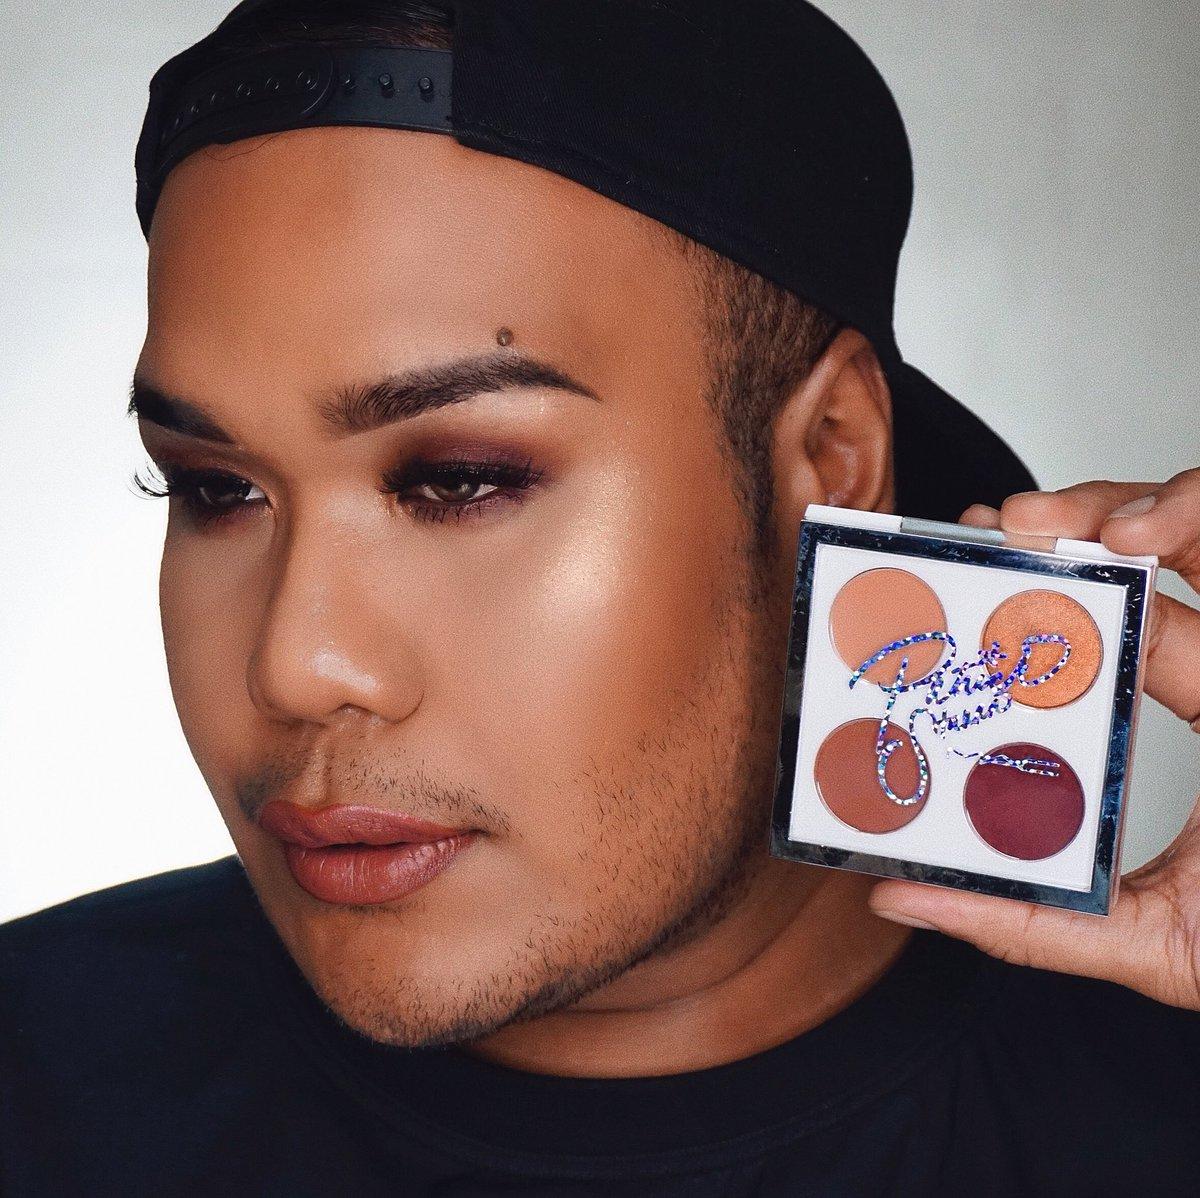 Patrick star makeup